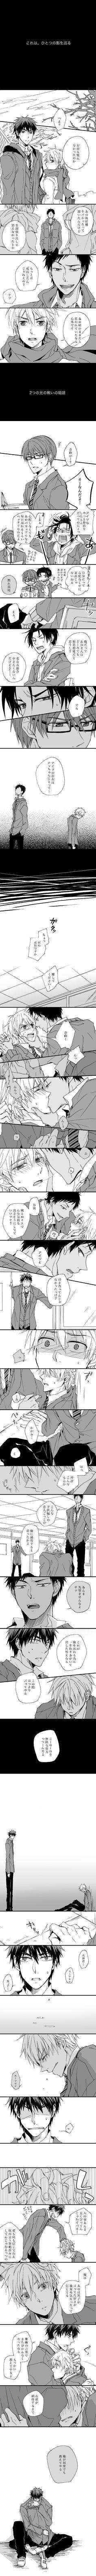 Tags: Anime, Kuroko no Basket, Takao Kazunari, Midorima Shintarou, Kuroko Tetsuya